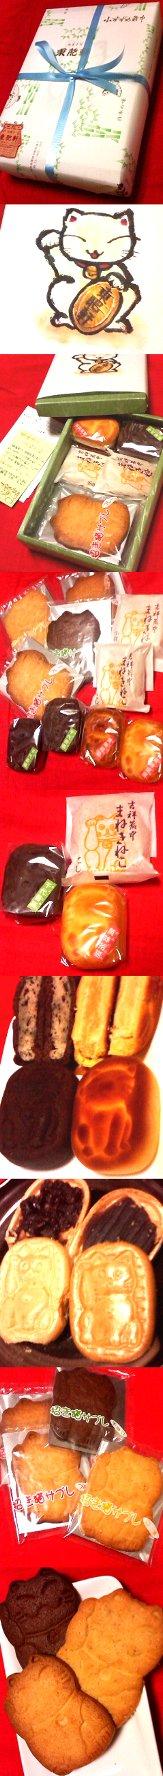 東肥軒(豪徳寺)の吉祥最中と招福万寿と招き猫サブレ